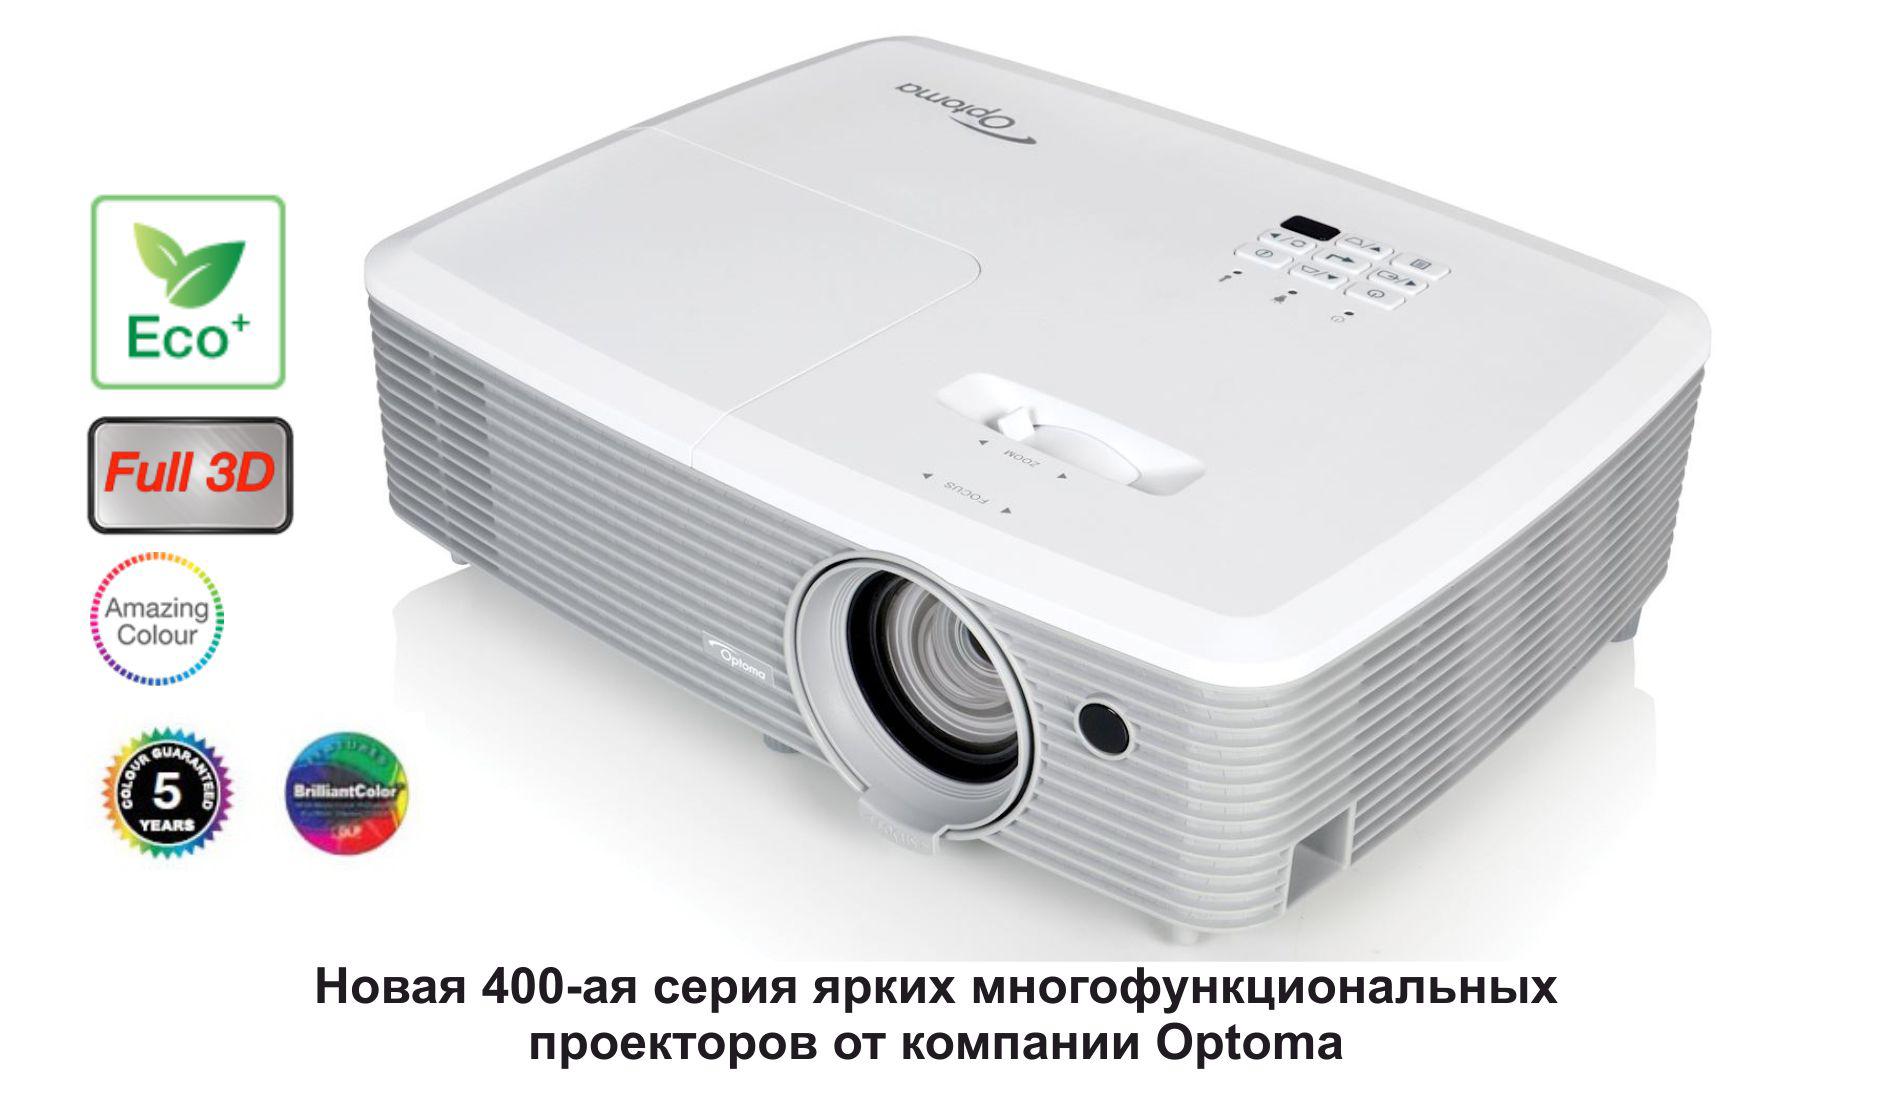 Компания Optoma выпустила новую 400-ю серию ярких и многофункциональных проекторов